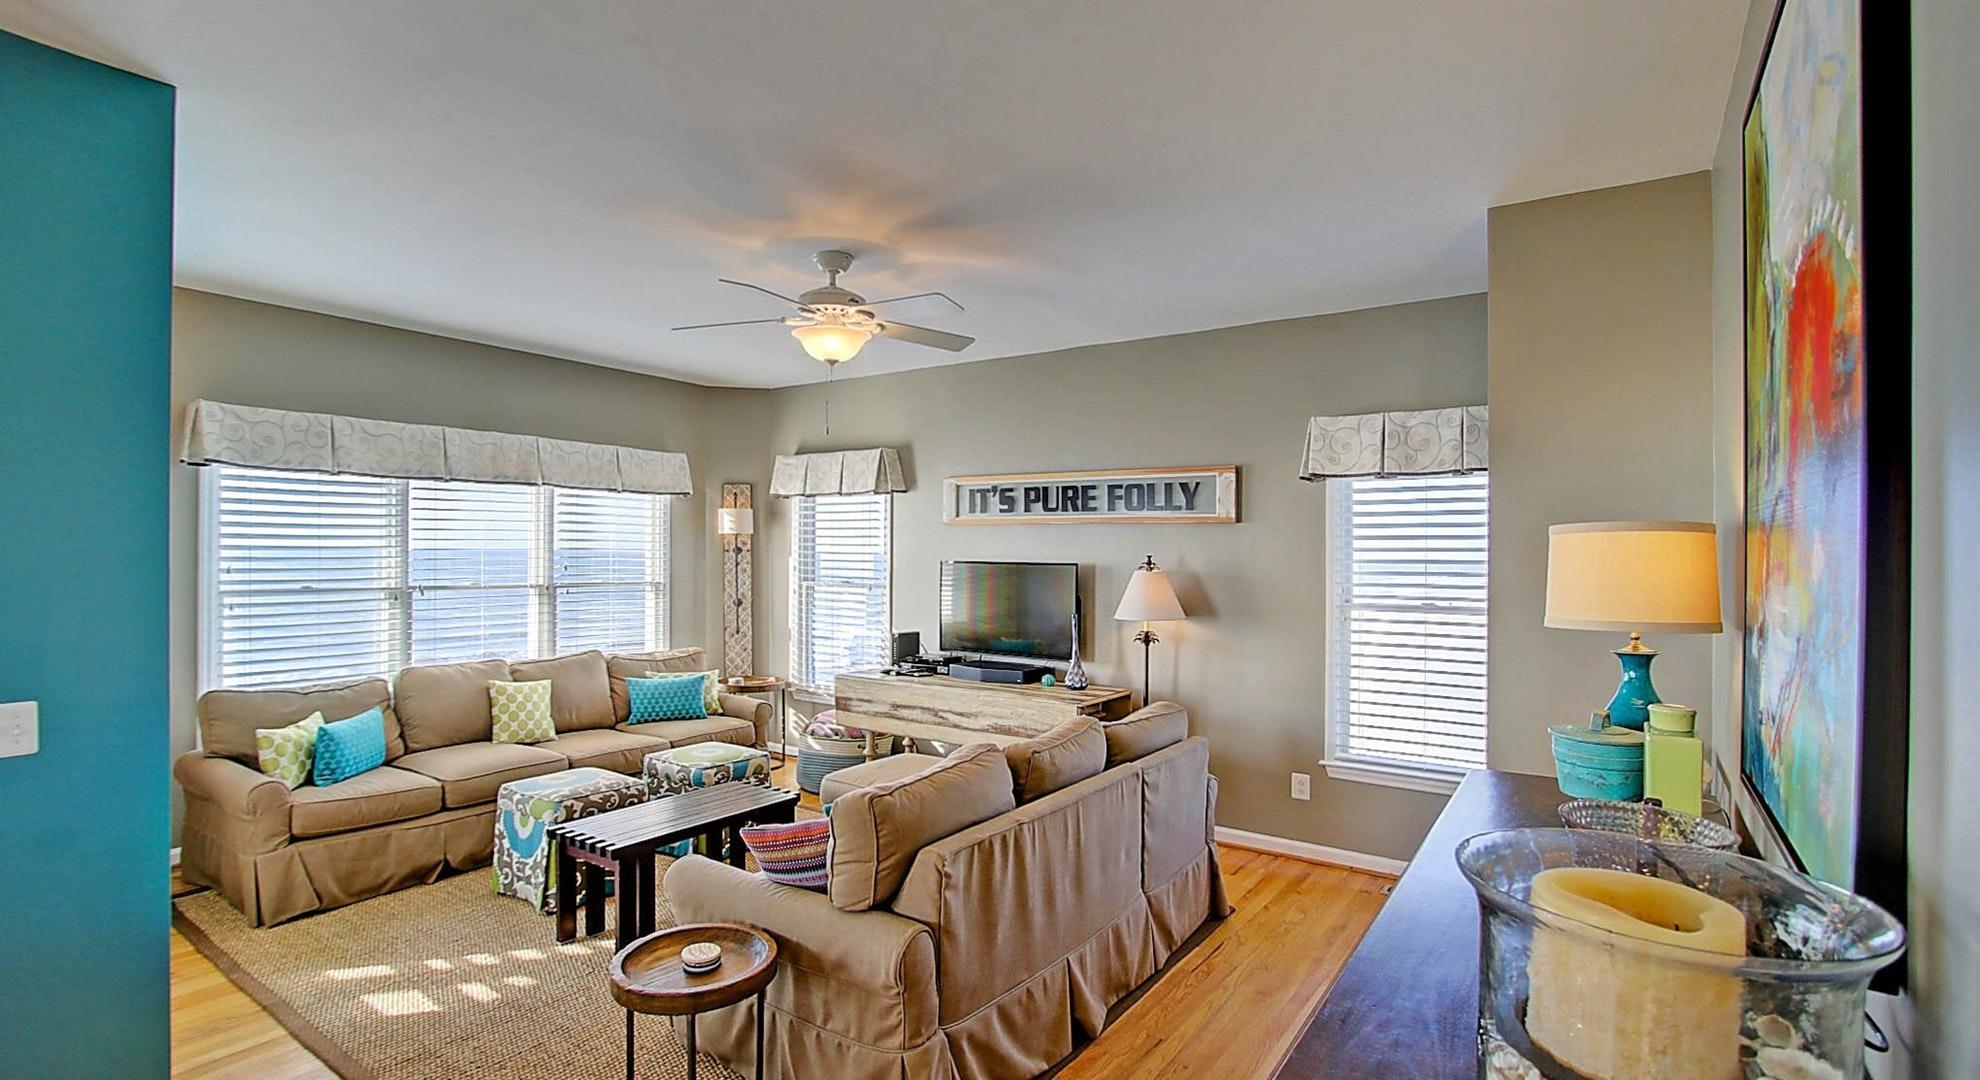 Home for sale 1 Sumter Drive, E Folly Bch Shores, Folly Beach, SC